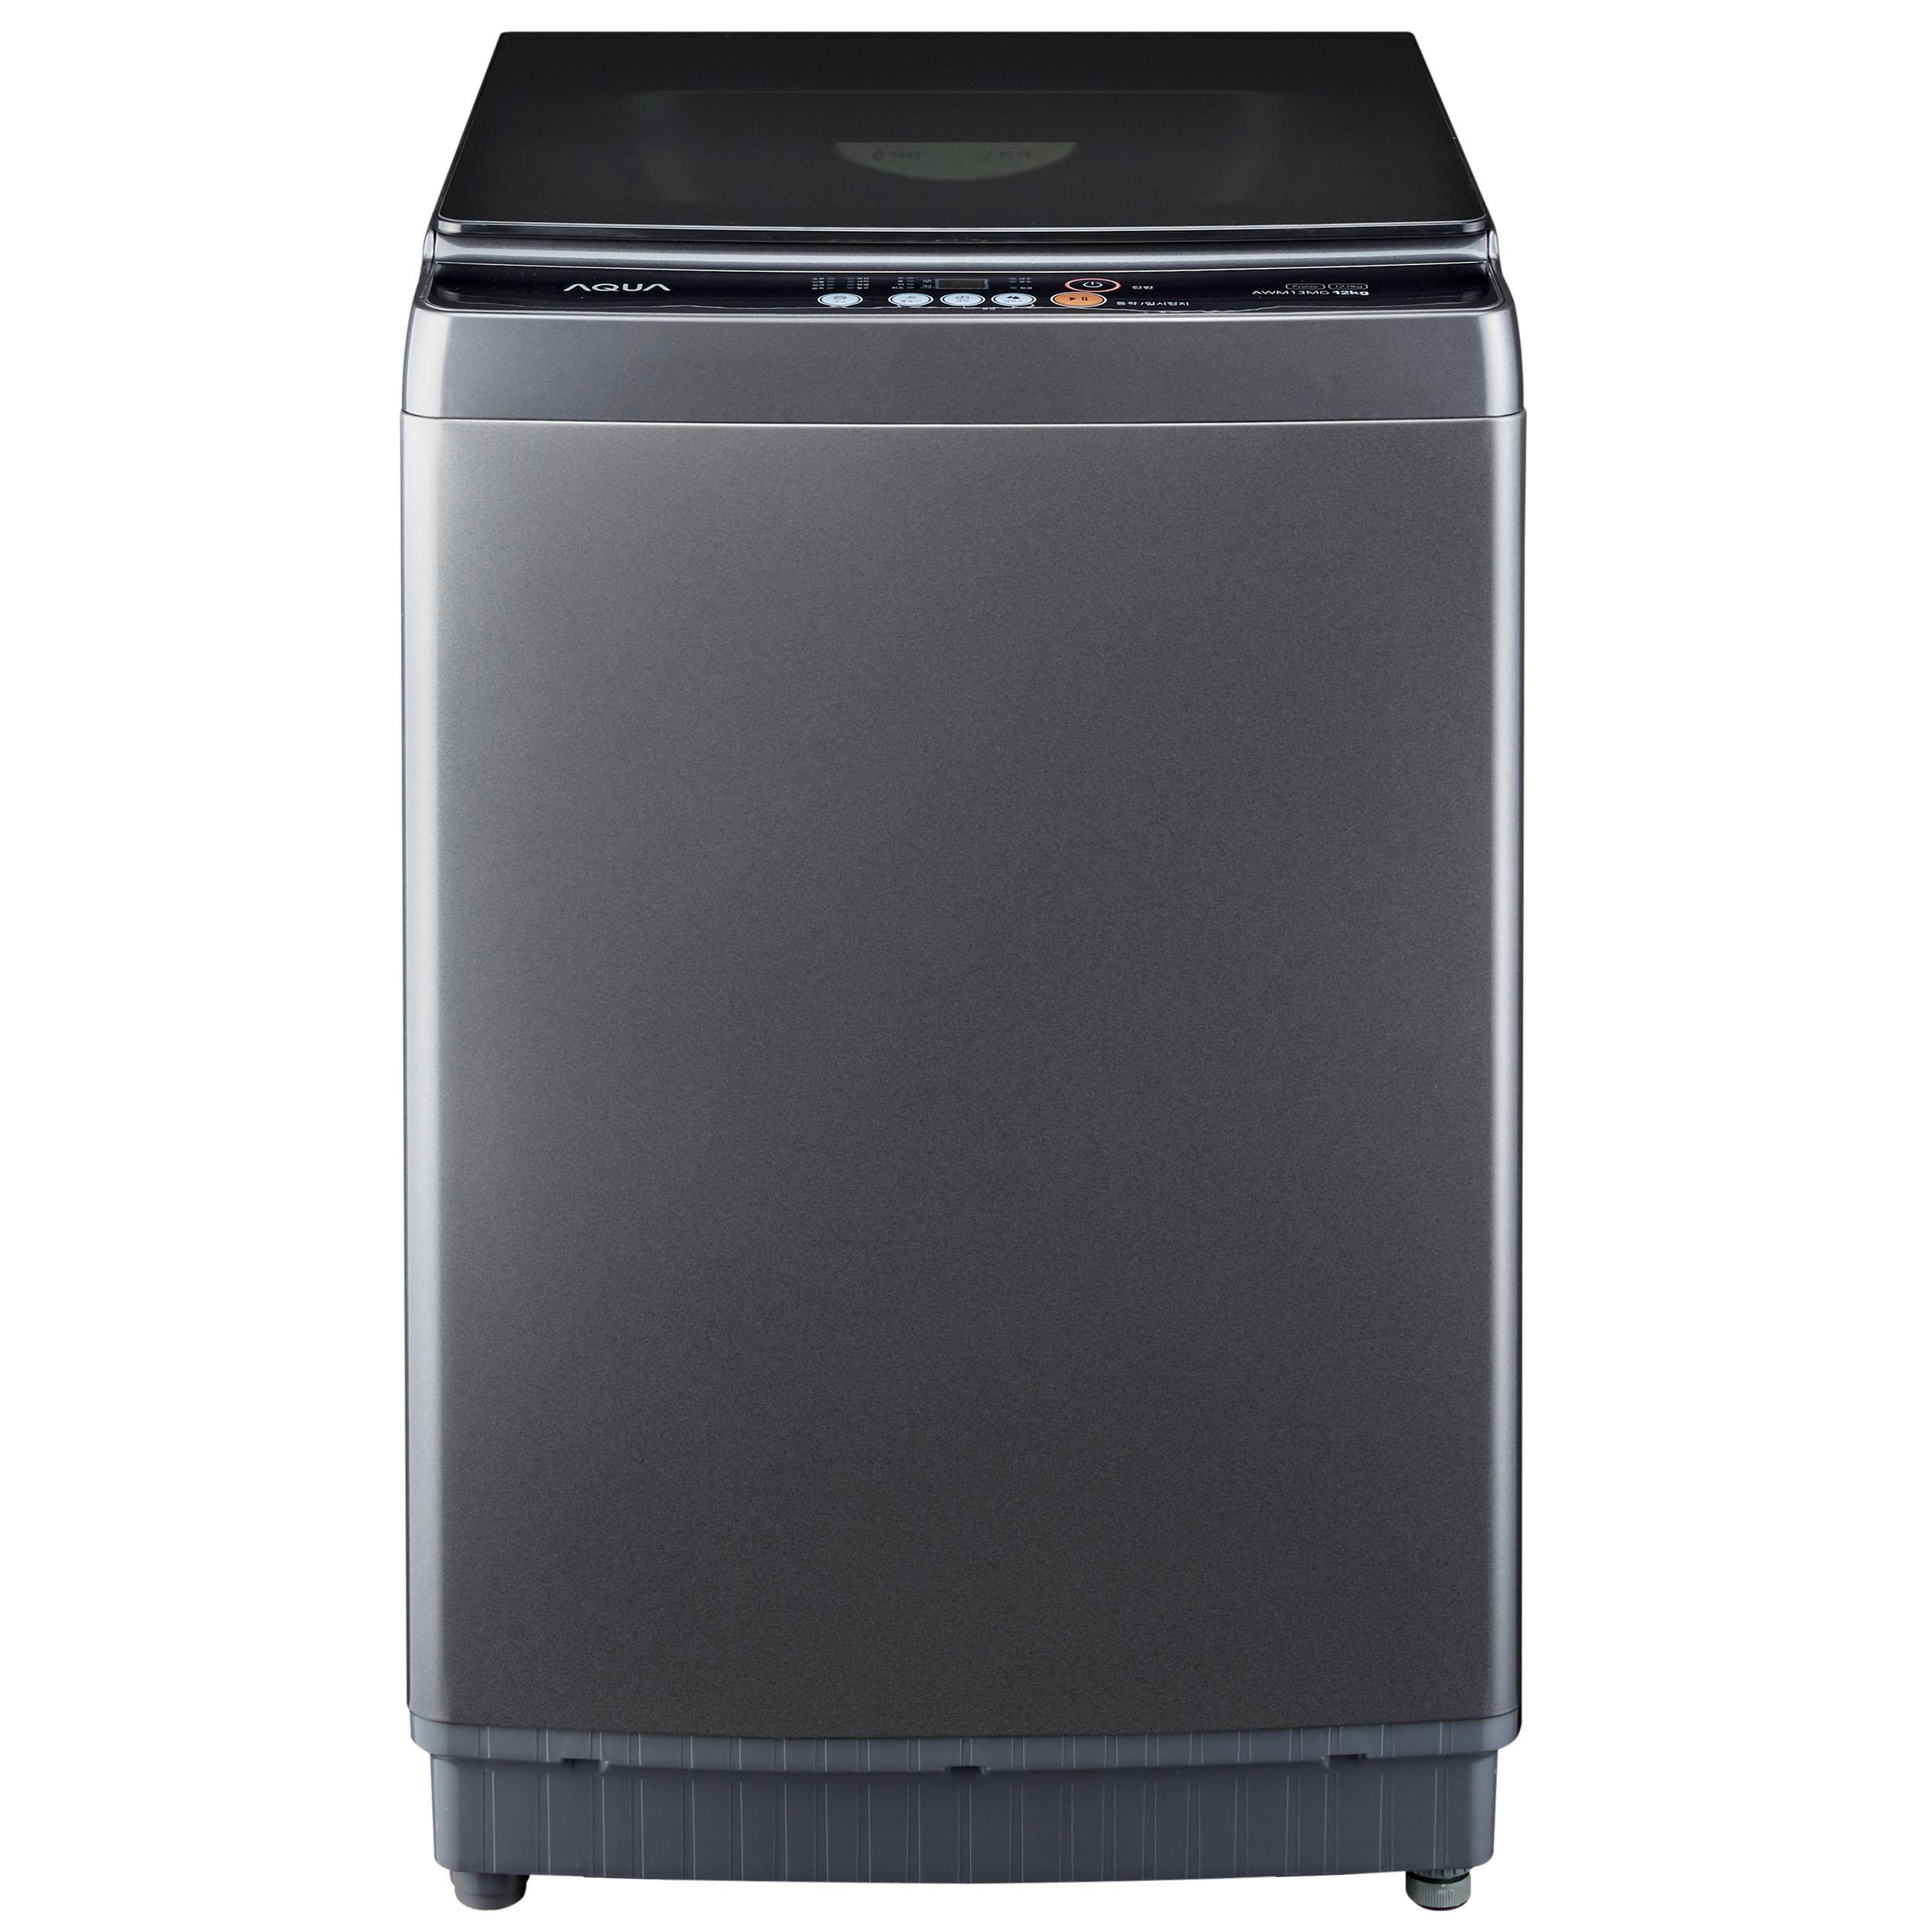 하이얼 아쿠아 일반통돌이 소형 세탁기 10KG 방문설치, AWM10MG(건그레이)-6-4919786621